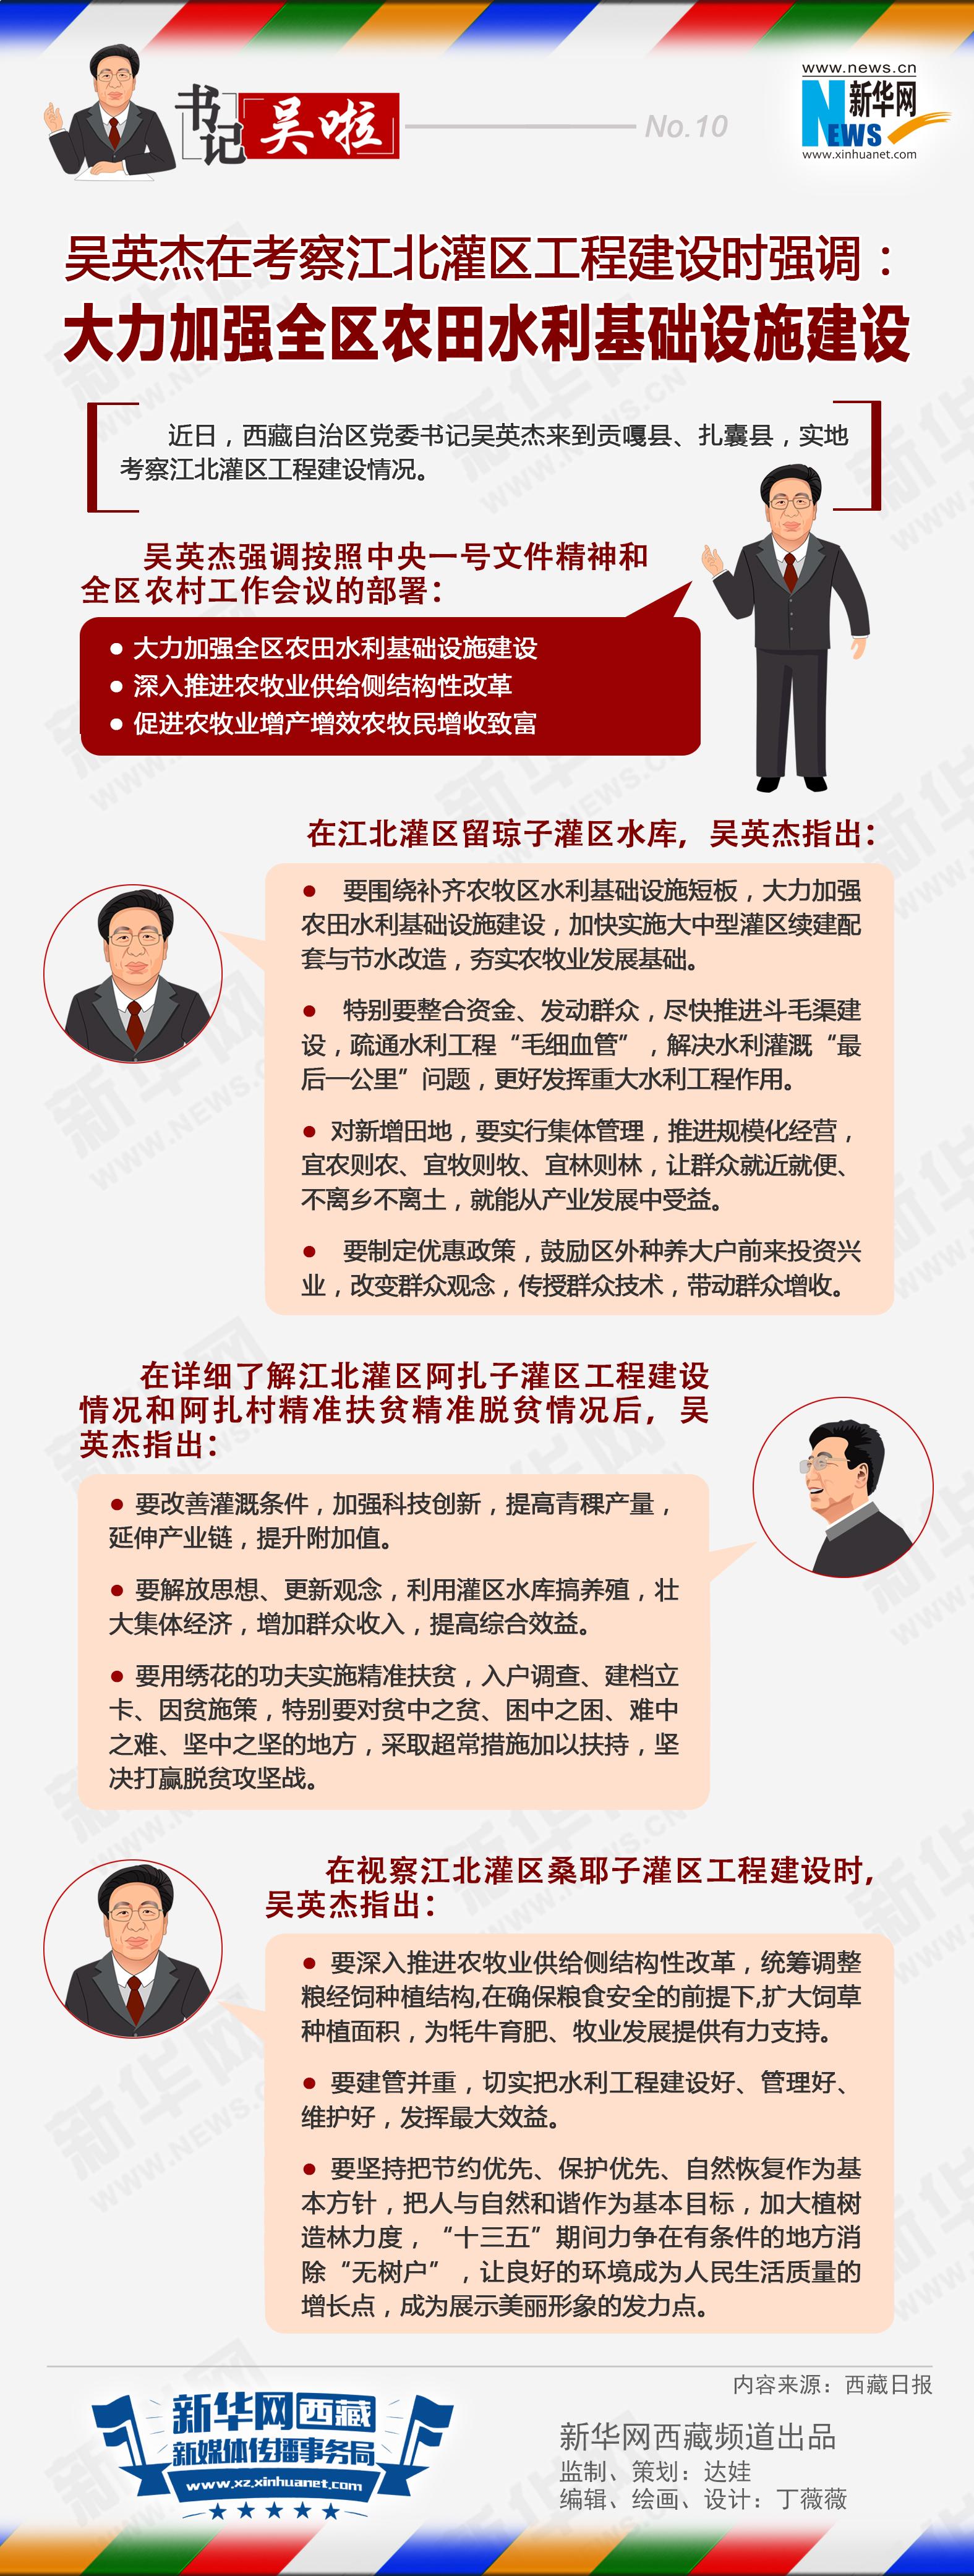 《书记吴啦》之大力加强全区农田水利基础设施建设